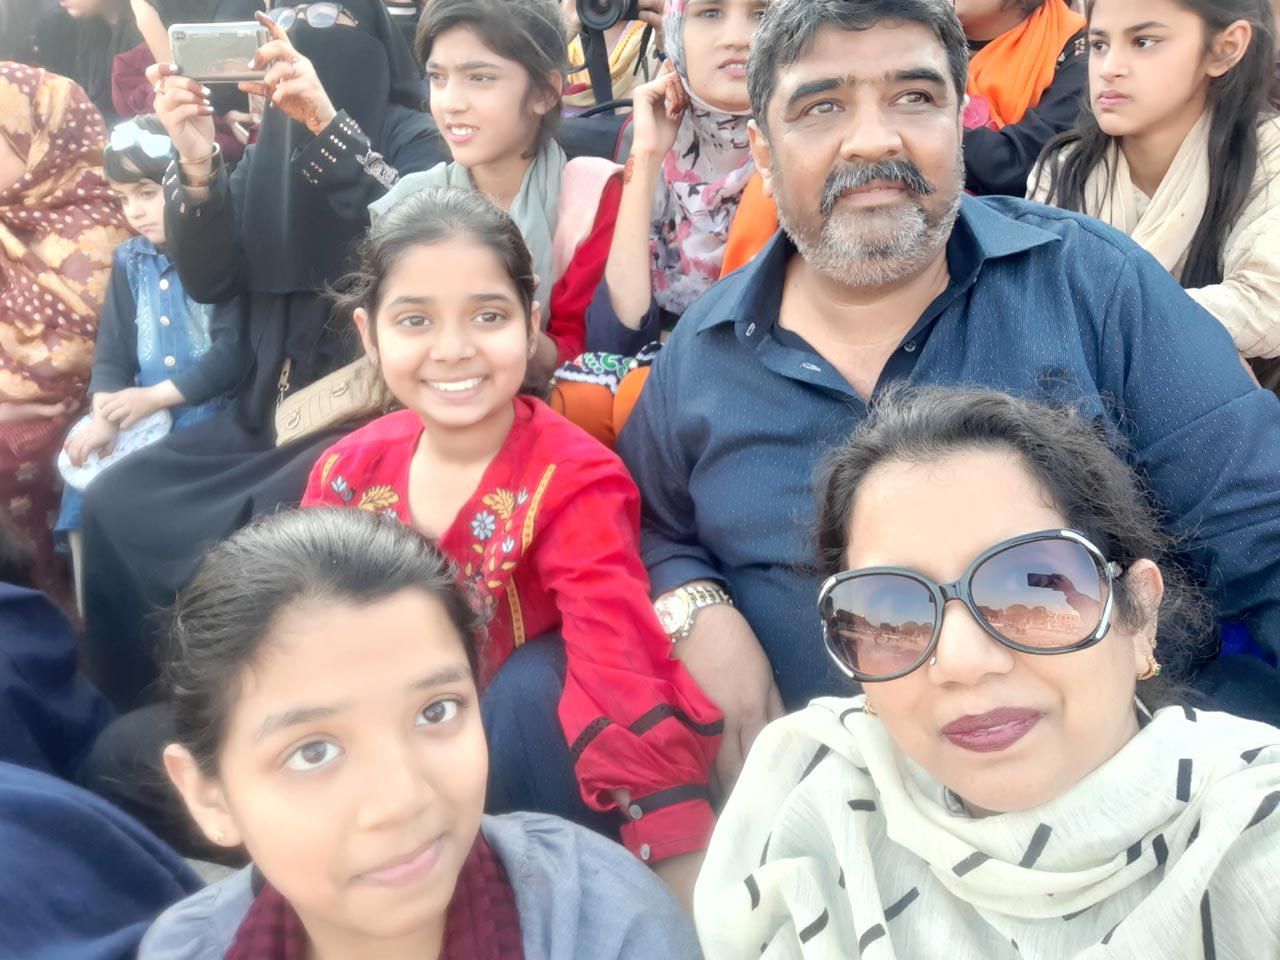 Erum Imran, Imran, Khan, Zoya Imran and Zara watching the patriotic parade.